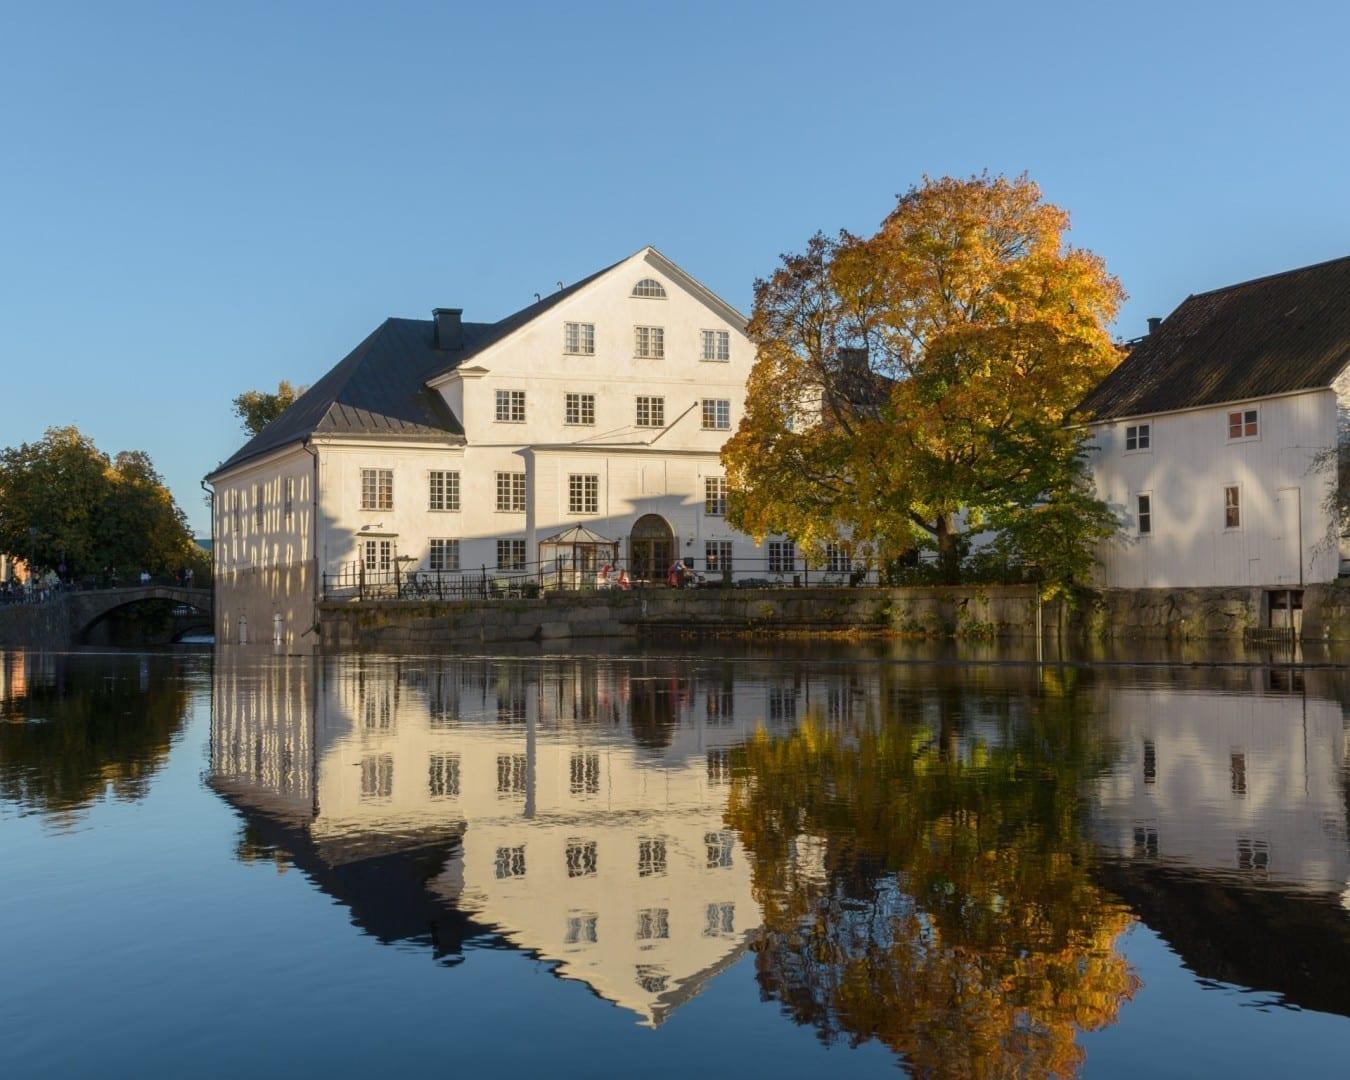 El Museo Uppland Uppsala Suecia